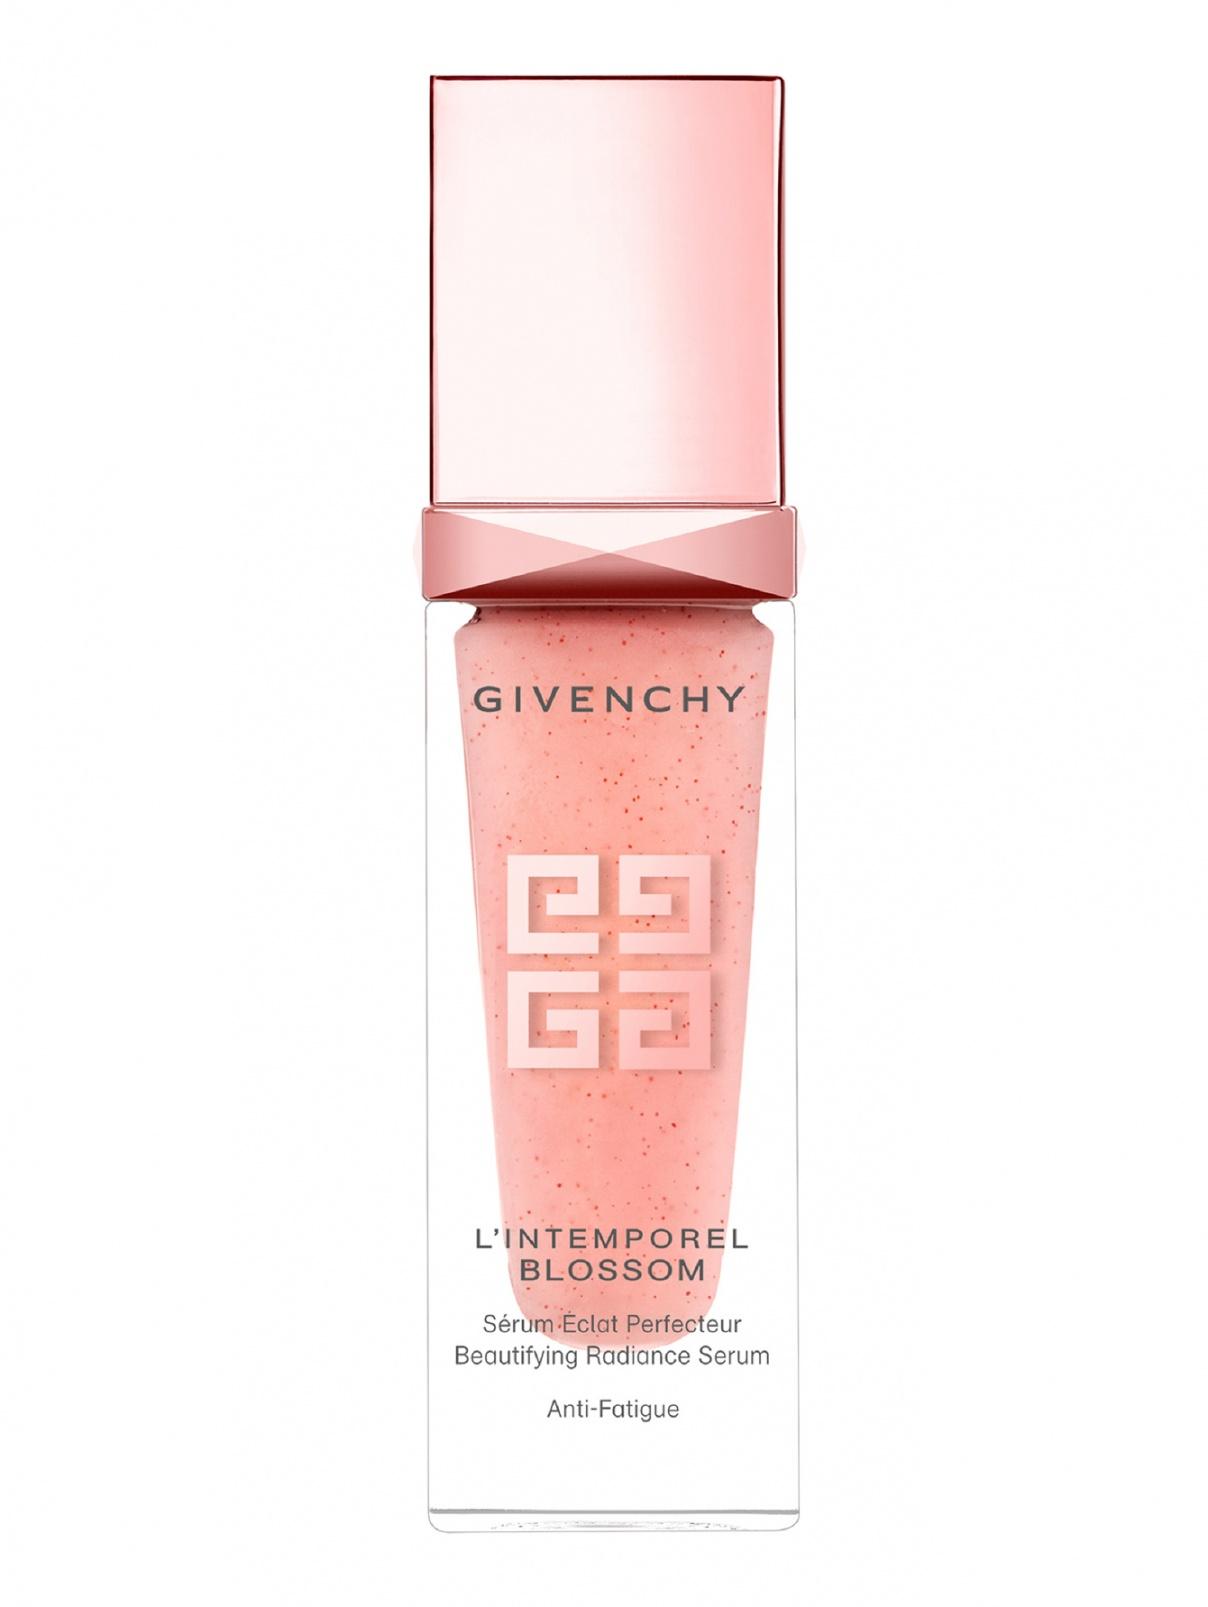 Сыворотка для красоты и сияния кожи L'INTEMPOREL BLOSSOM, 30 мл Givenchy  –  Общий вид